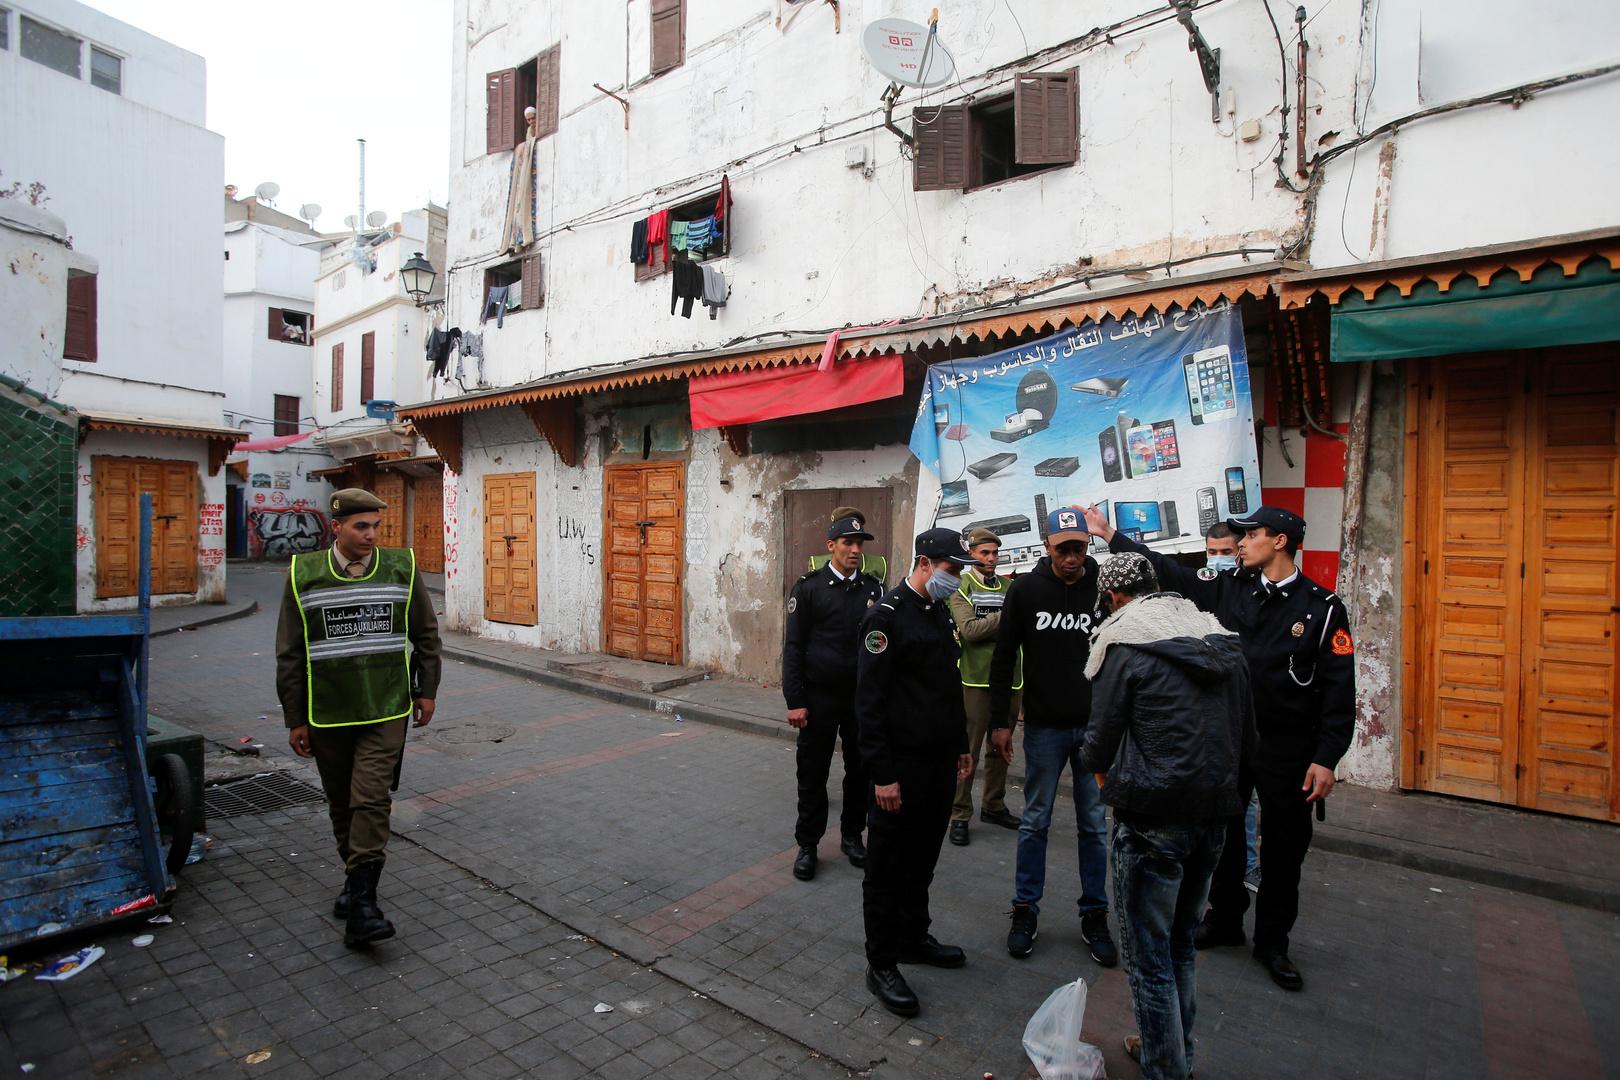 المغرب يمدد حظر التجول الليلي ويقيّد التنقلات في عطلة عيد الفطر